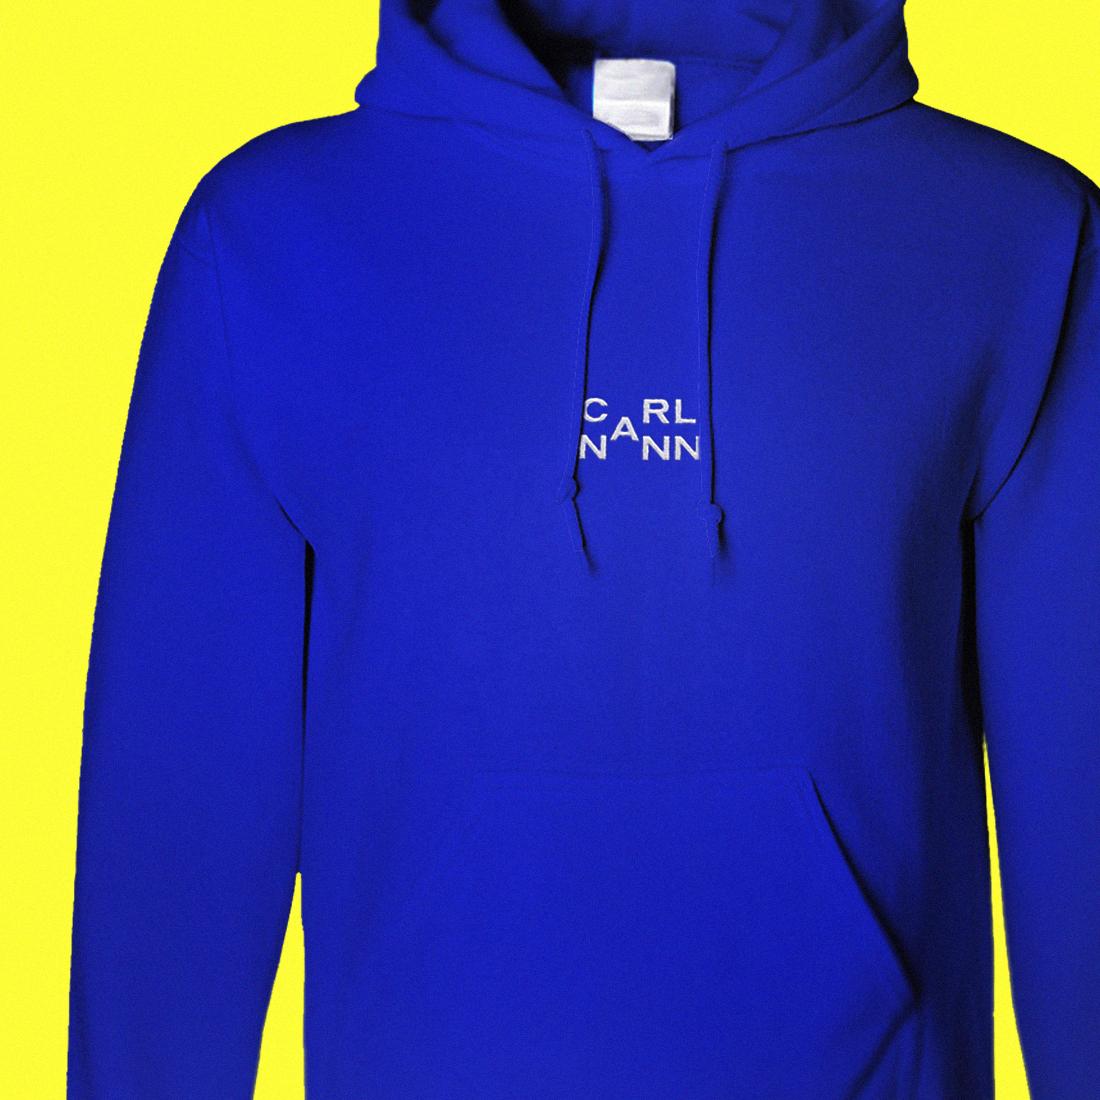 Blauer Hoodie mit weißem CarlNann Logo auf gelbem Hintergrund